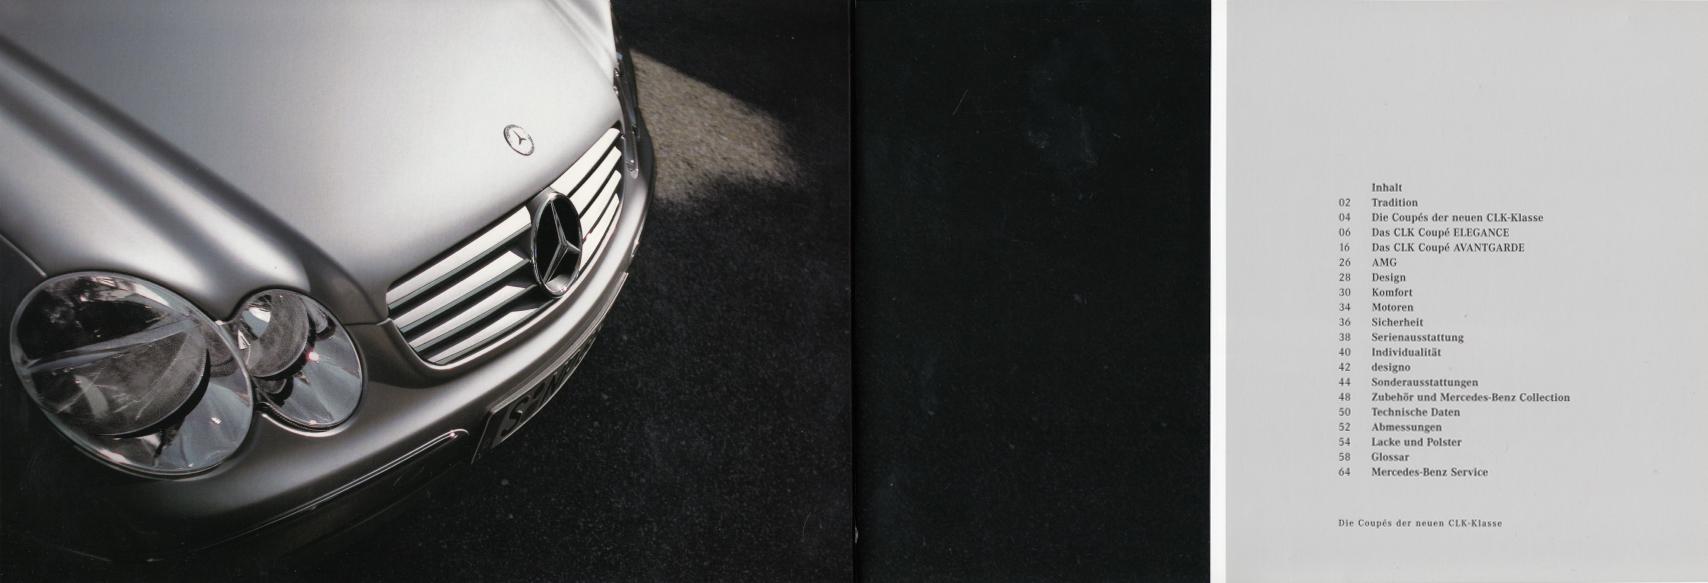 (C209): Catálogo 2002 - alemão 002